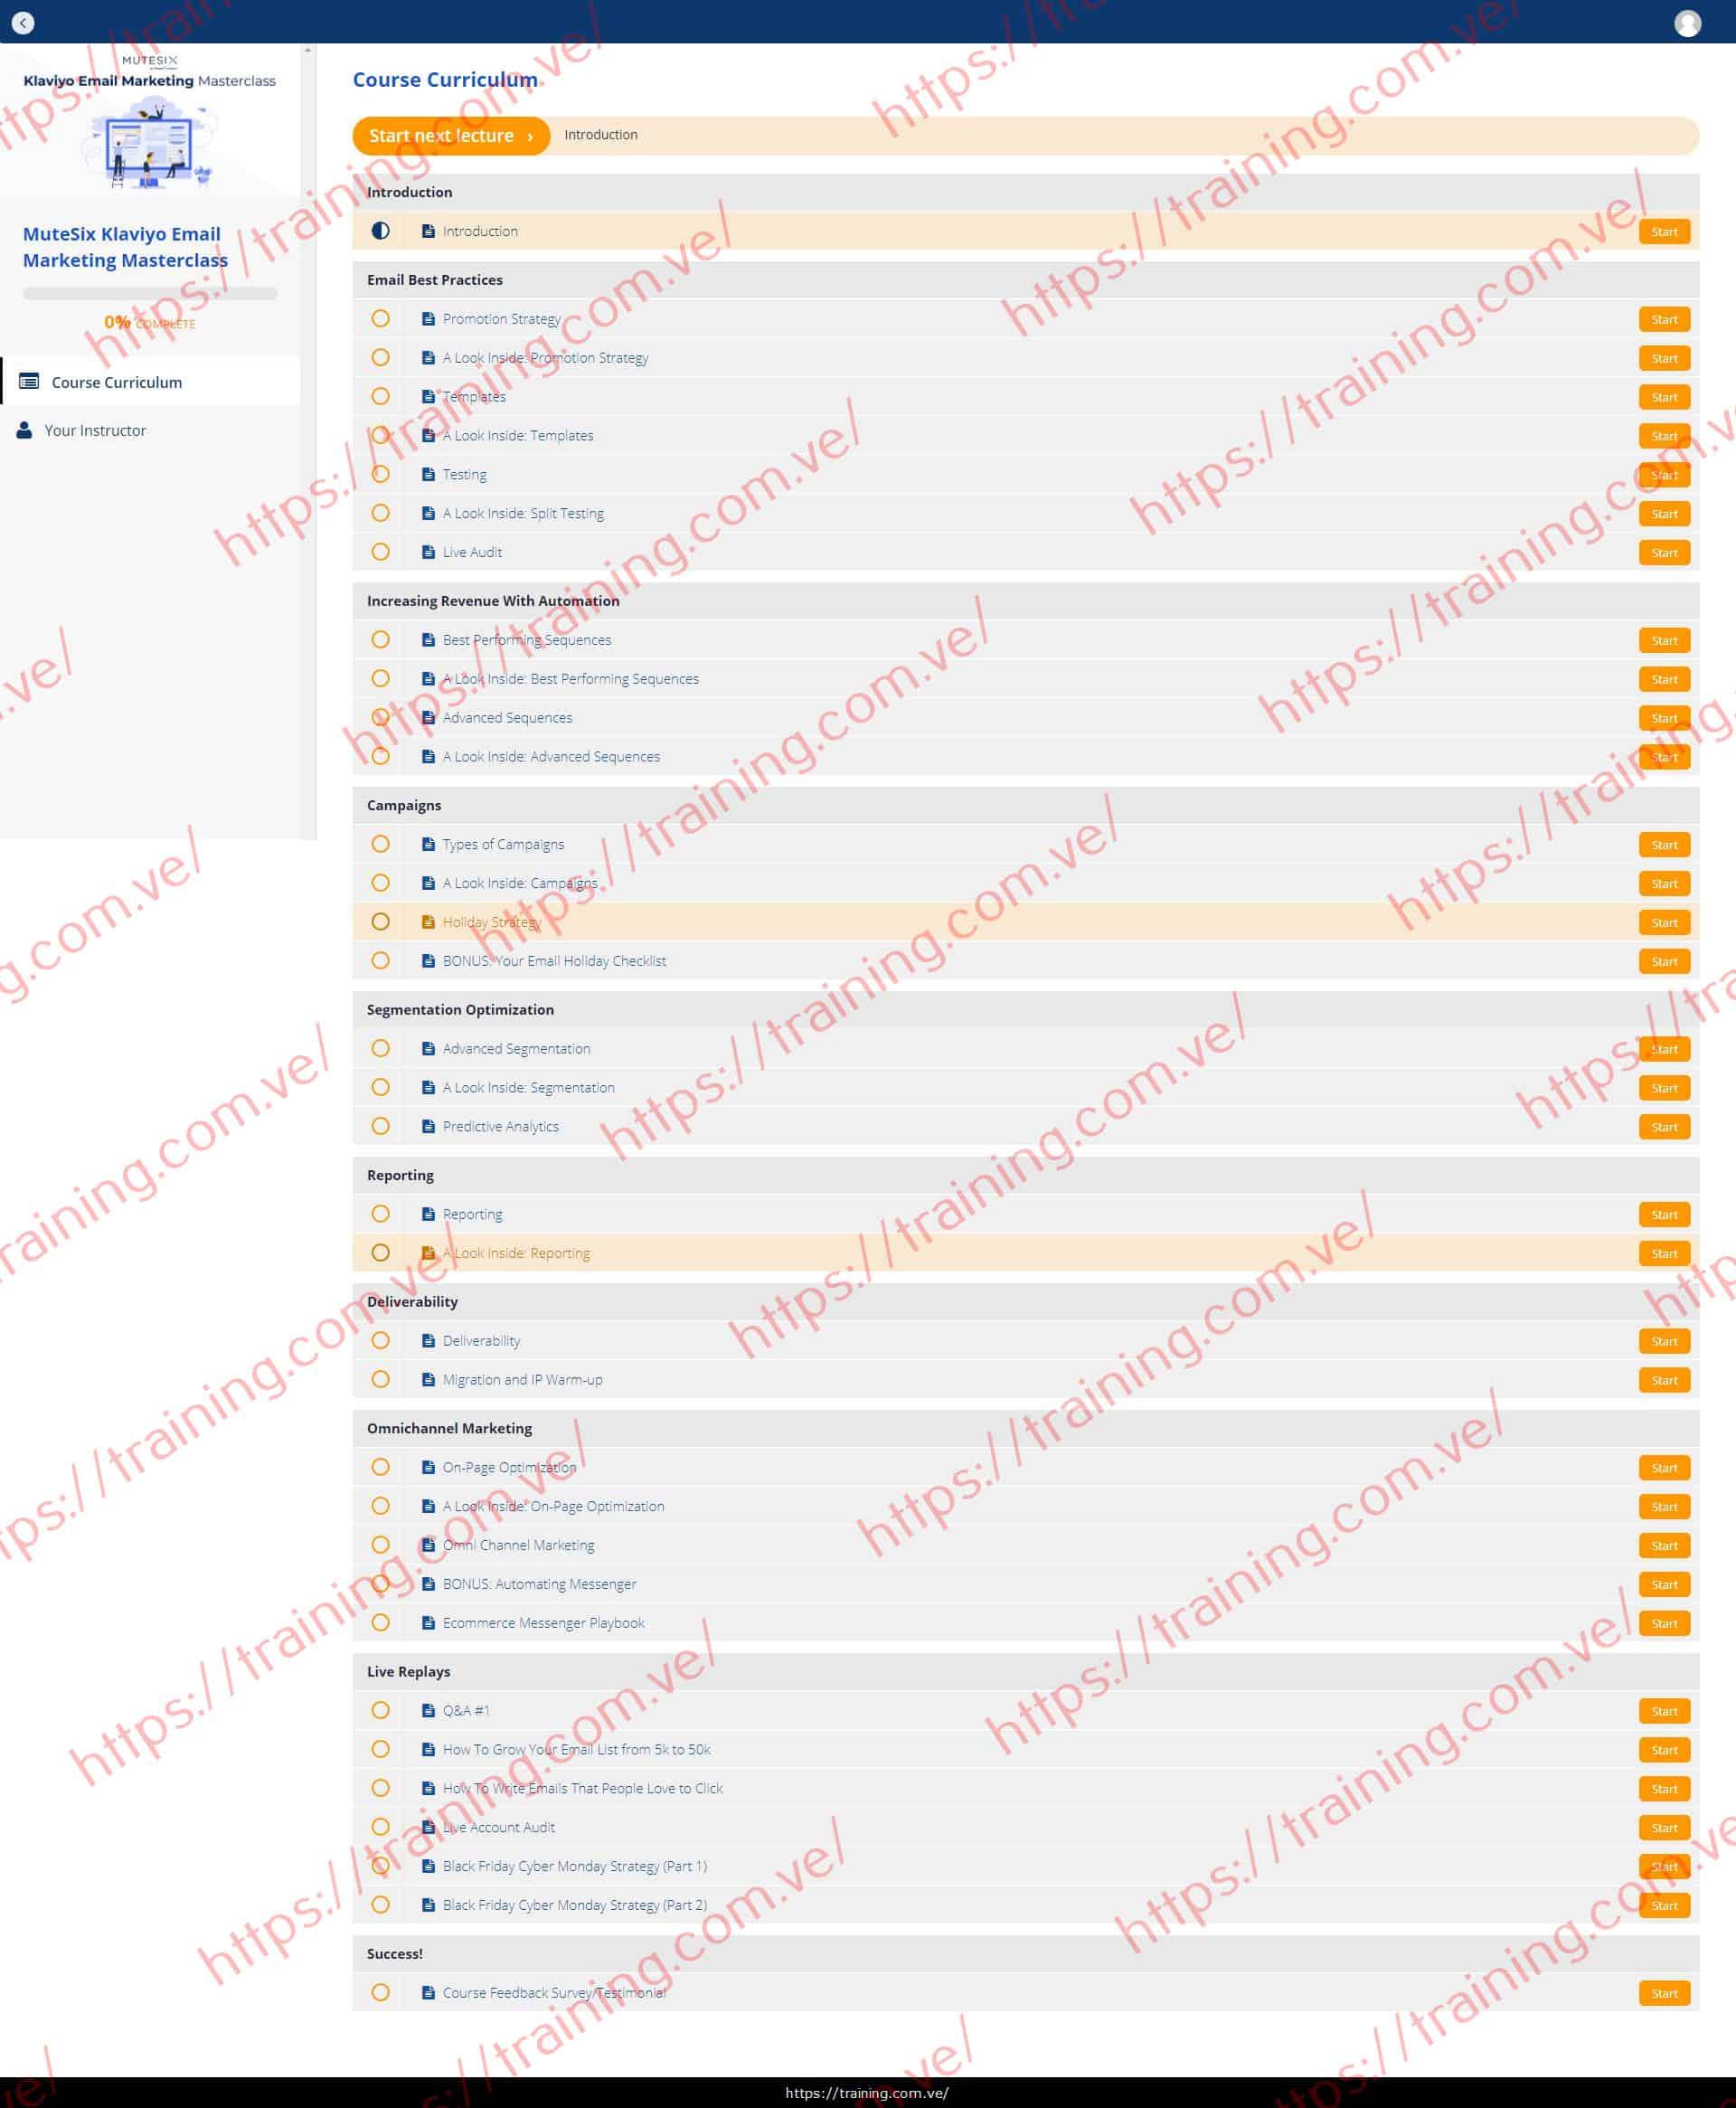 MuteSix Klaviyo Email Marketing Masterclass Buy